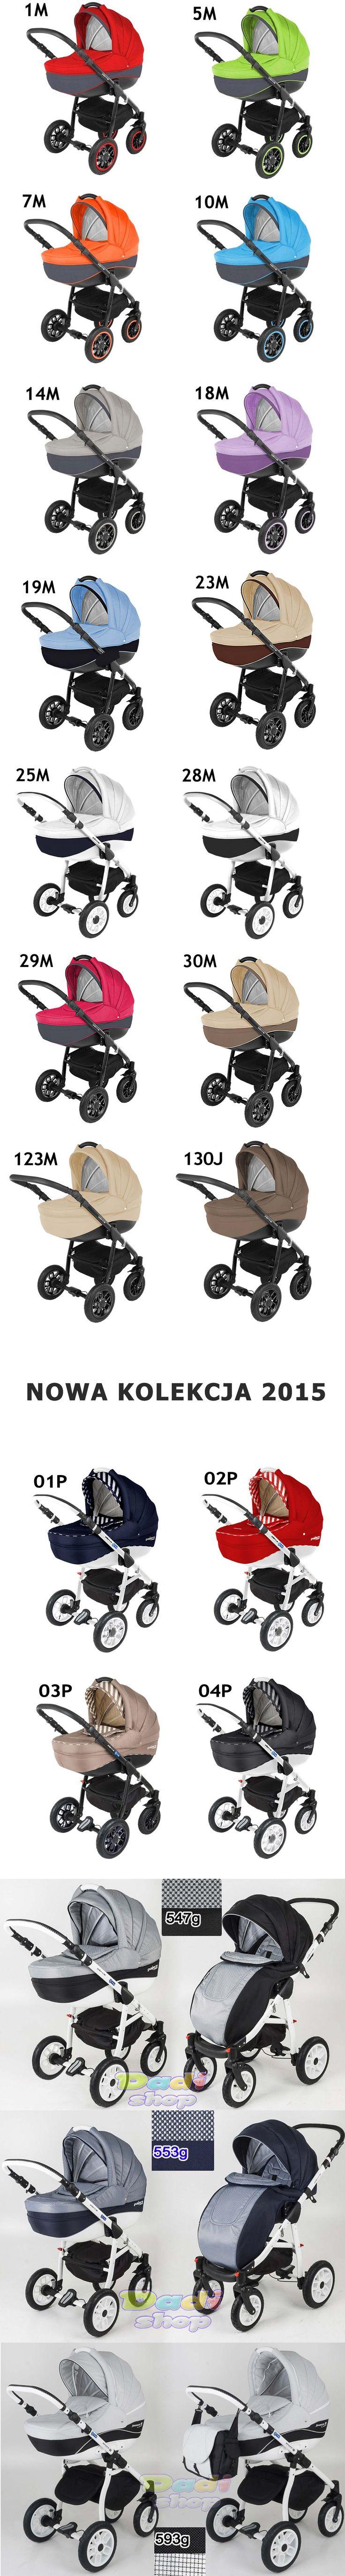 PAJERO 2w1/3w1 NOWOCZESNY POLSKI WÓZEK ALUMINIOWY (5647549424) - Allegro.pl - Więcej niż aukcje.